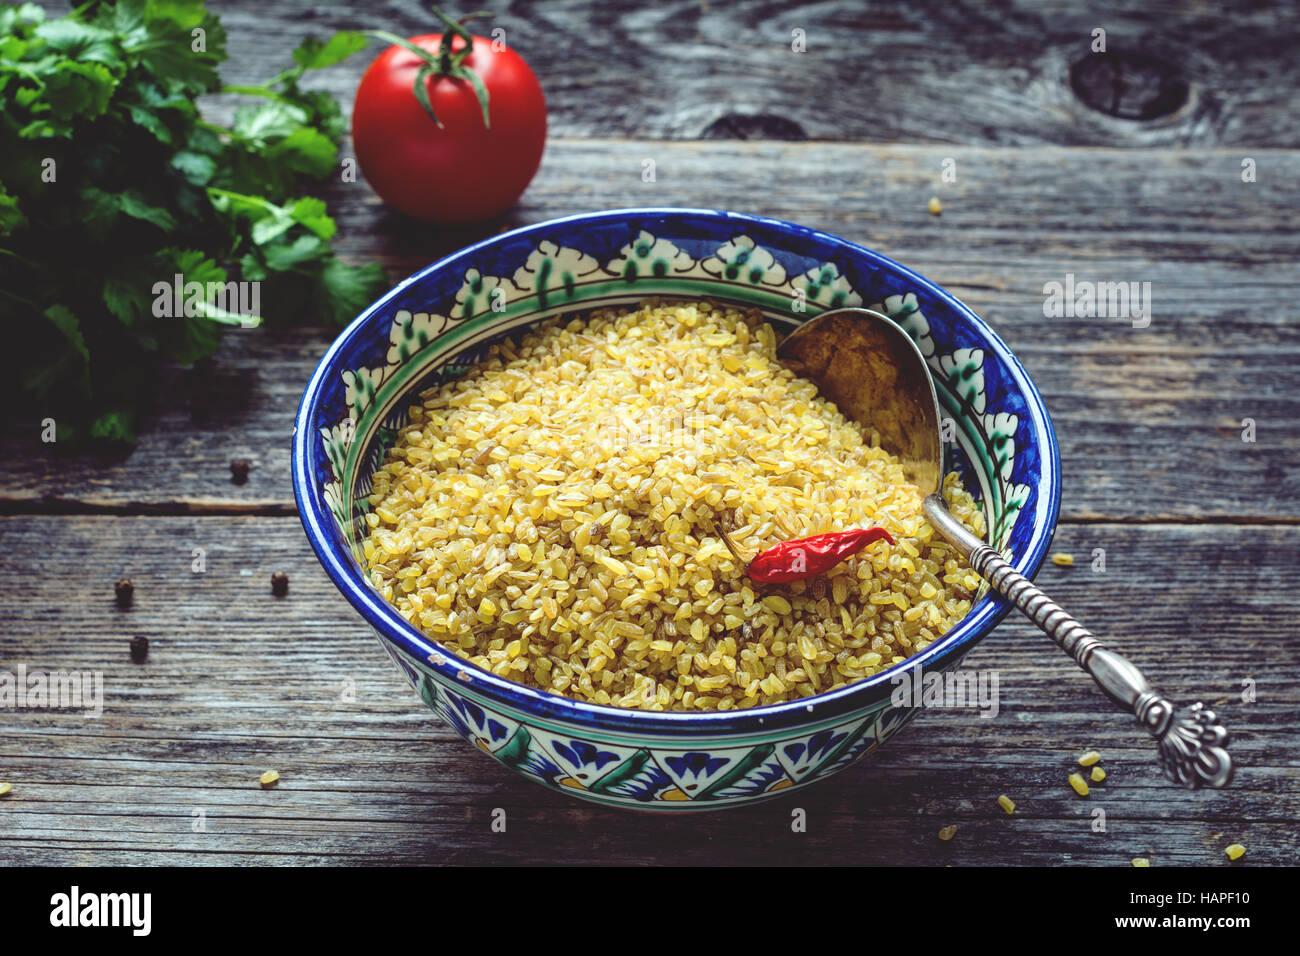 Rohe Bulgur Weizenkörner in bunten arabischen Schale, frische Petersilie, Tomaten und Paprika zum Kochen. Holztisch Stockfoto